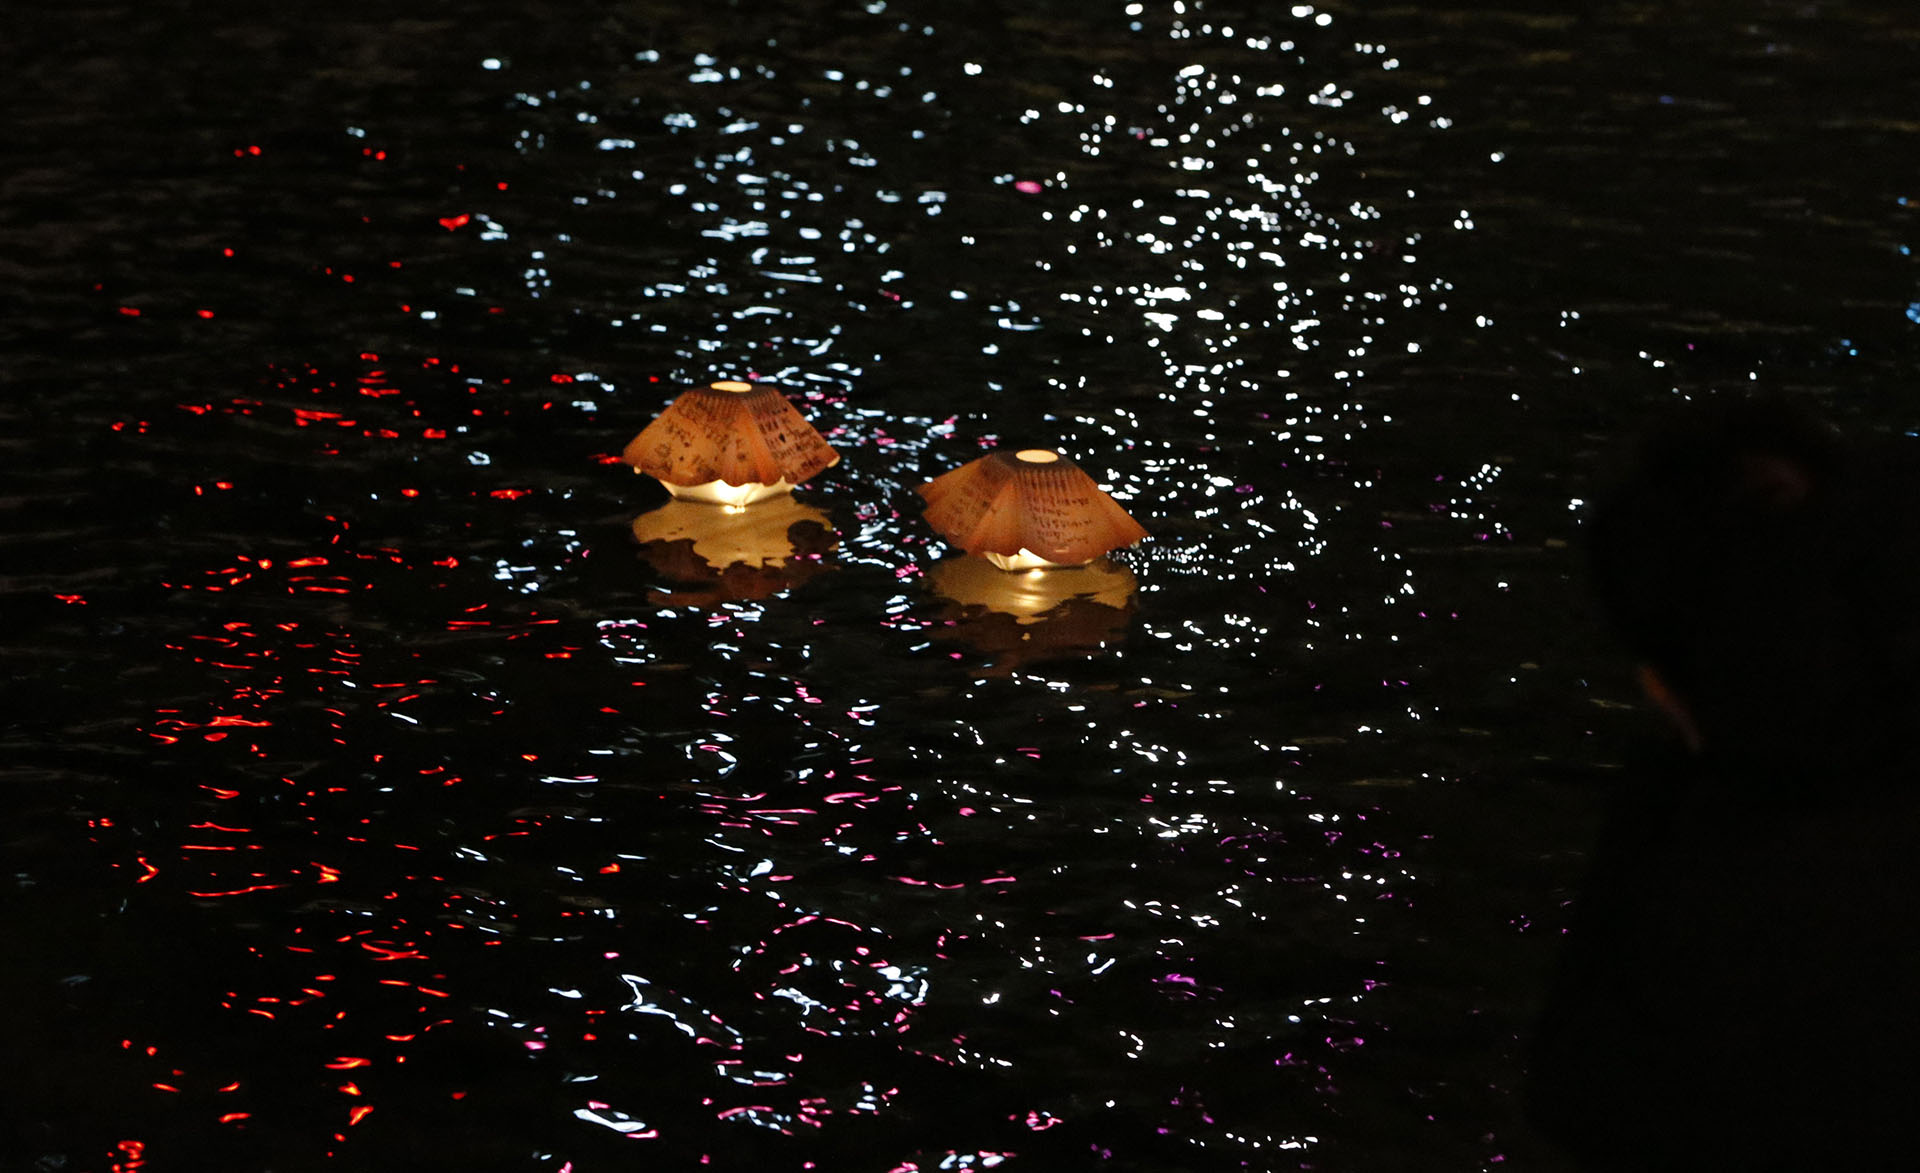 Vista de lámparas flotantes de deseo sobre el agua en la calle Cheonggye durante las celebraciones de Año Nuevo en Seúl, Corea del Sur